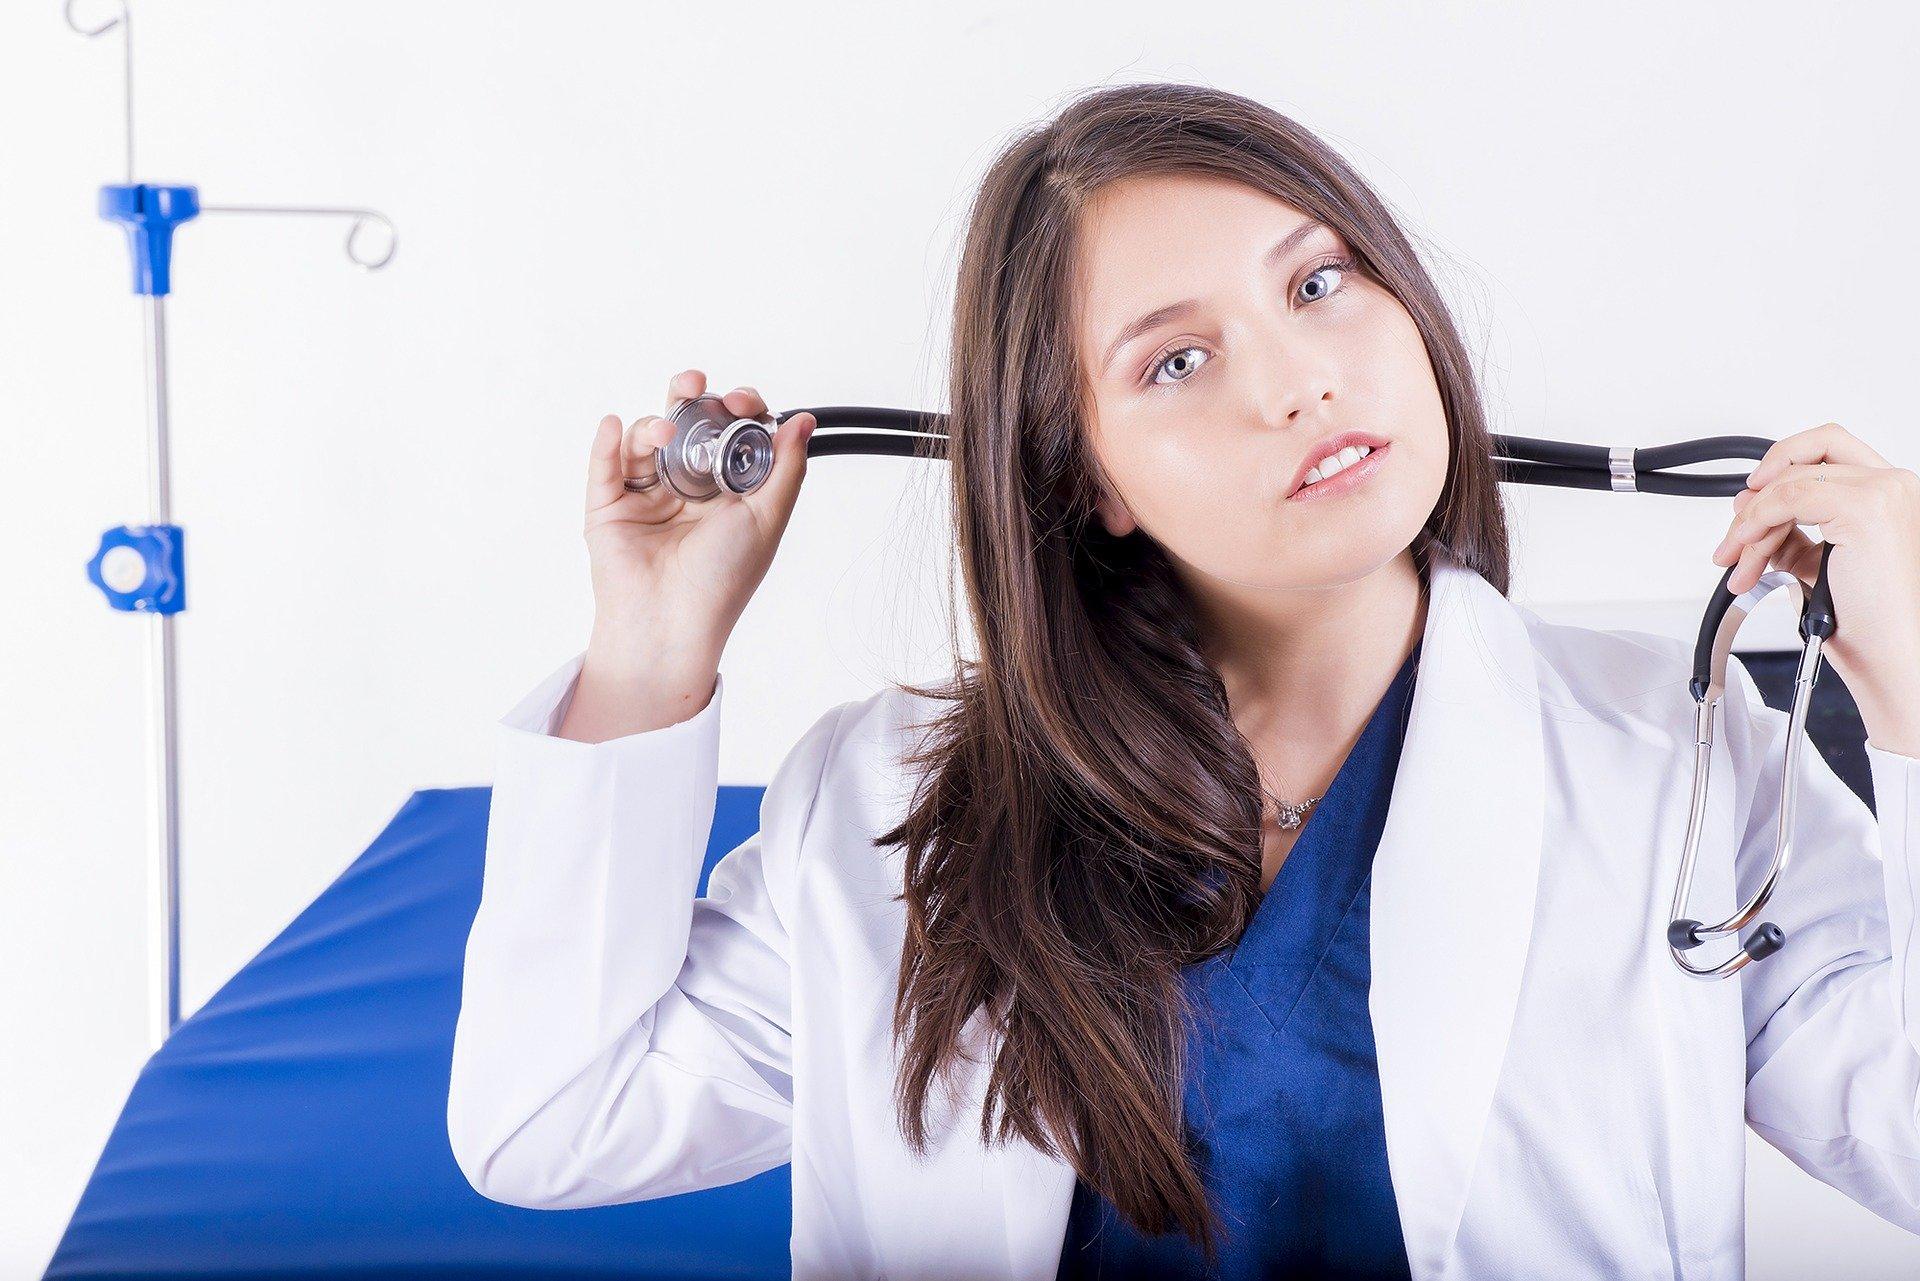 Sicurezza sul lavoro: Cosa rischia chi aggredisce un operatore sanitario